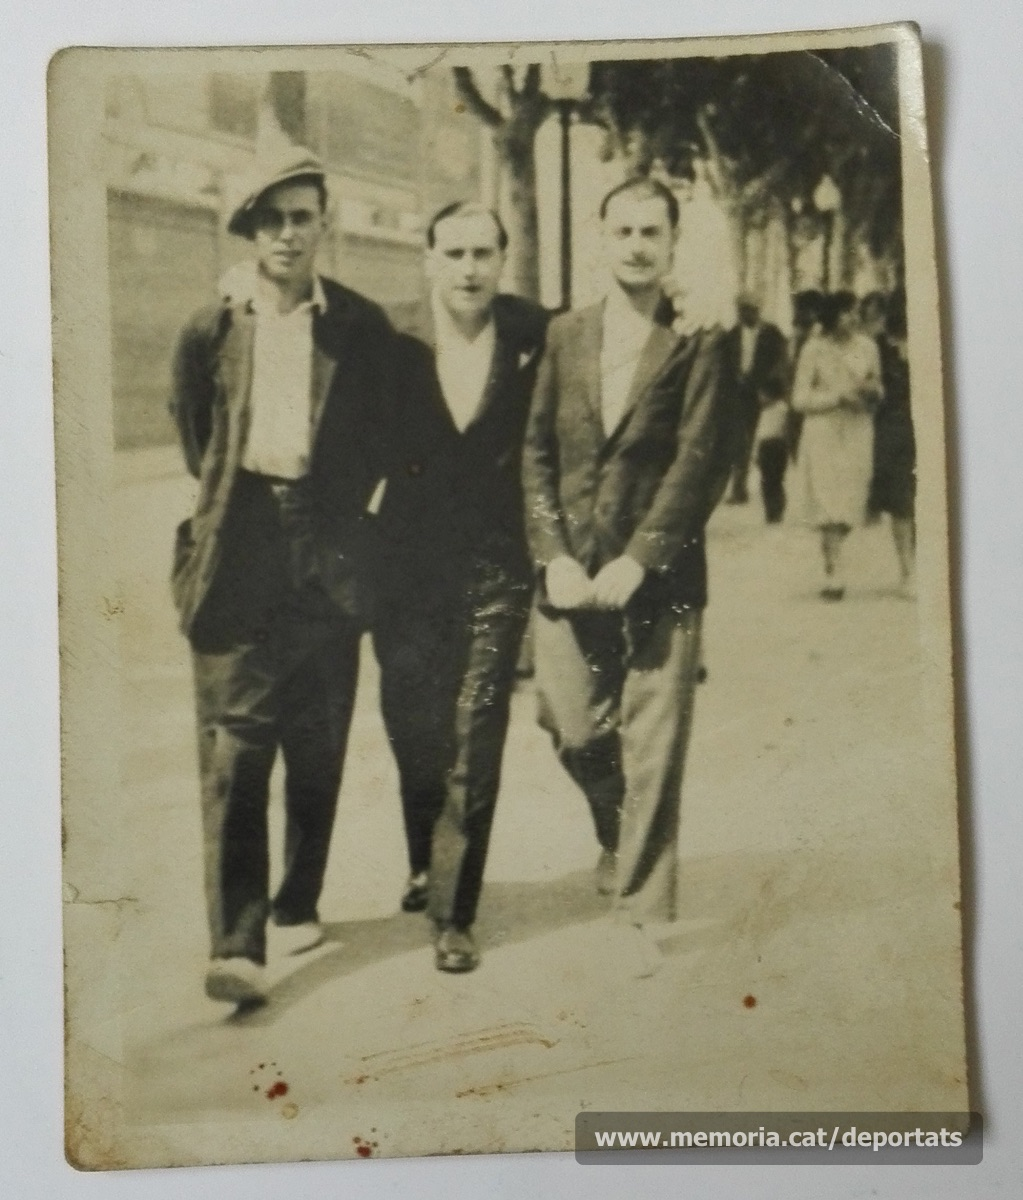 Pere Parés, lloc i data desconegudes. És el de l'esquerra.